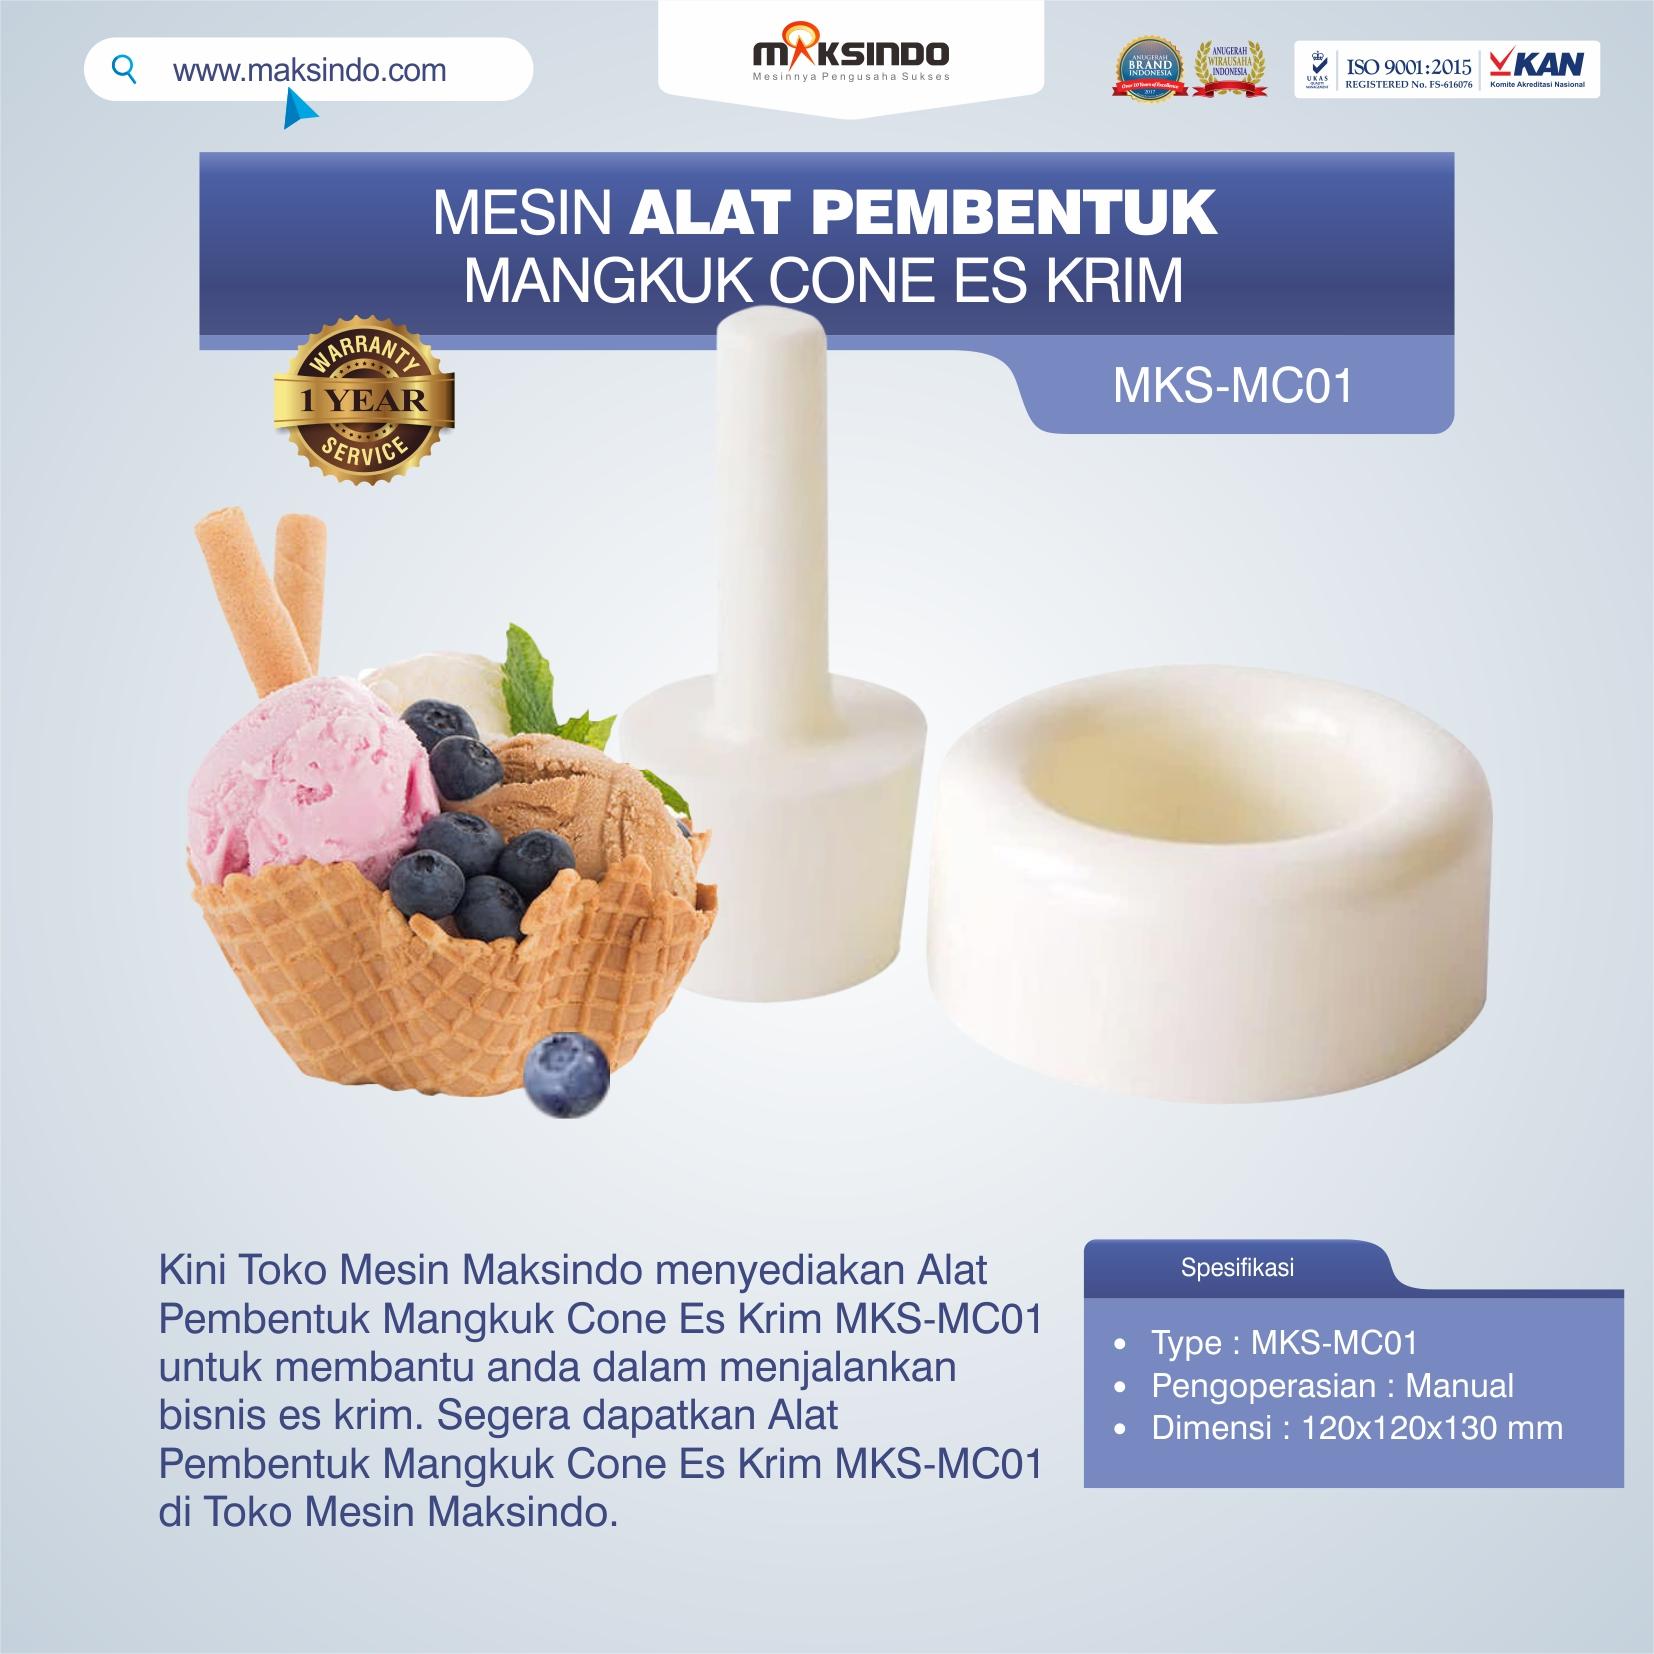 Jual Alat Pembentuk Mangkuk Cone Es Krim MKS-MC01 di Yogyakarta